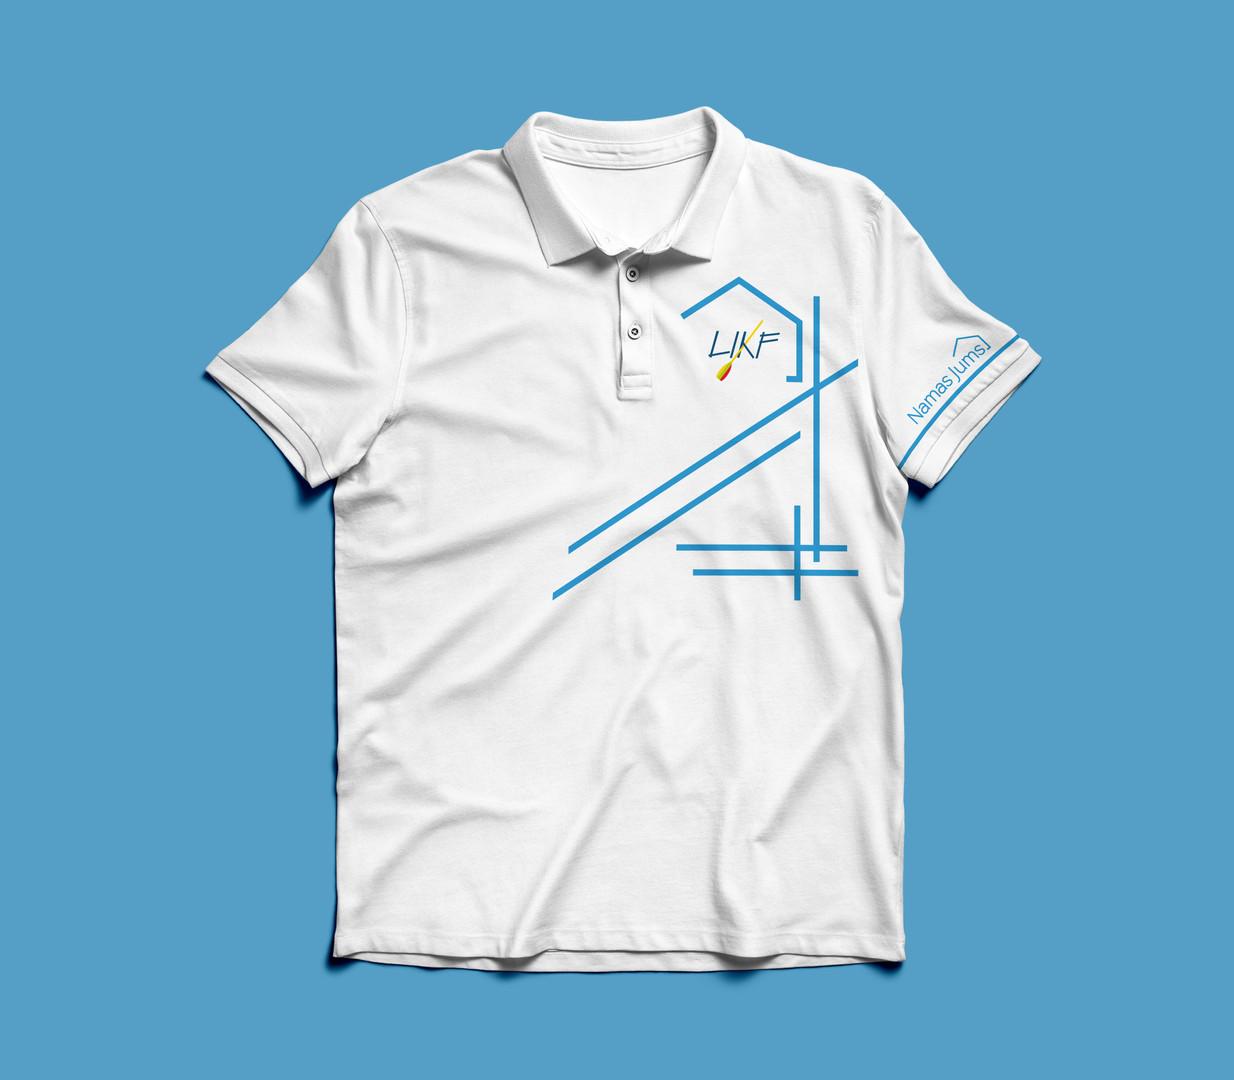 LIKF & Namas Jums T-shirt